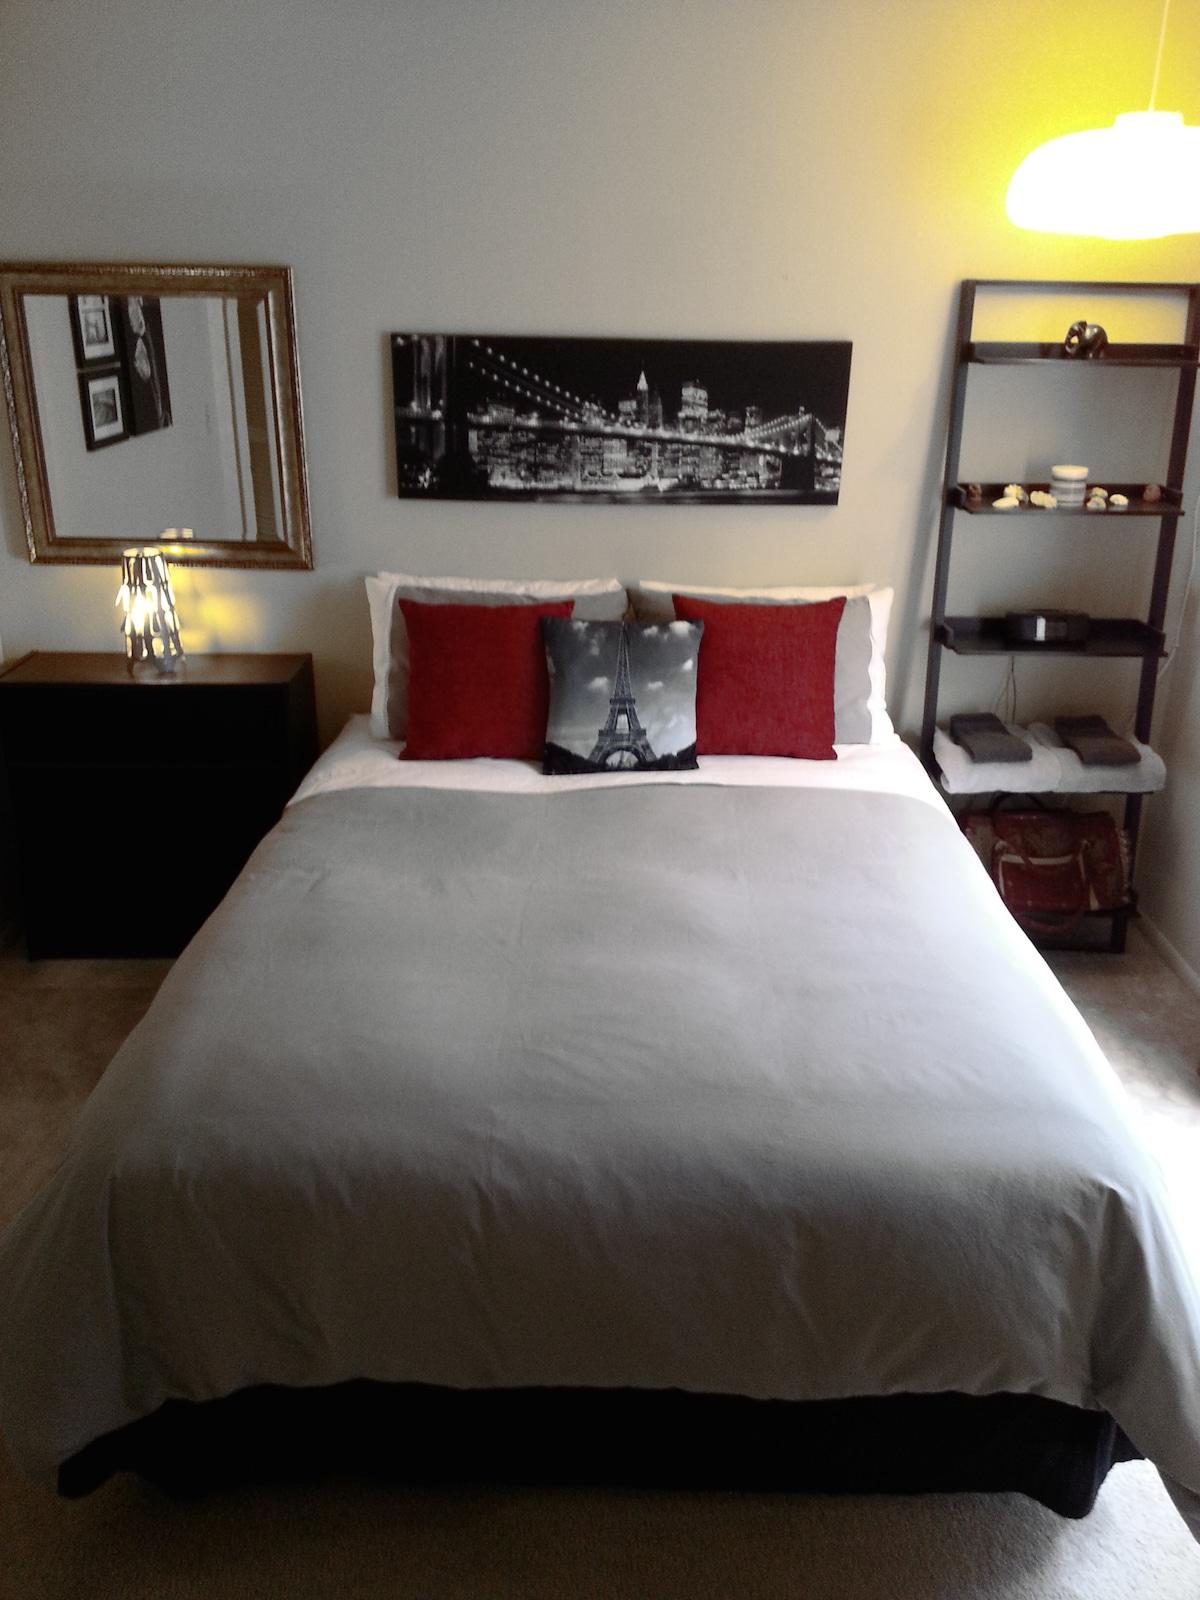 clean, neat bedroom